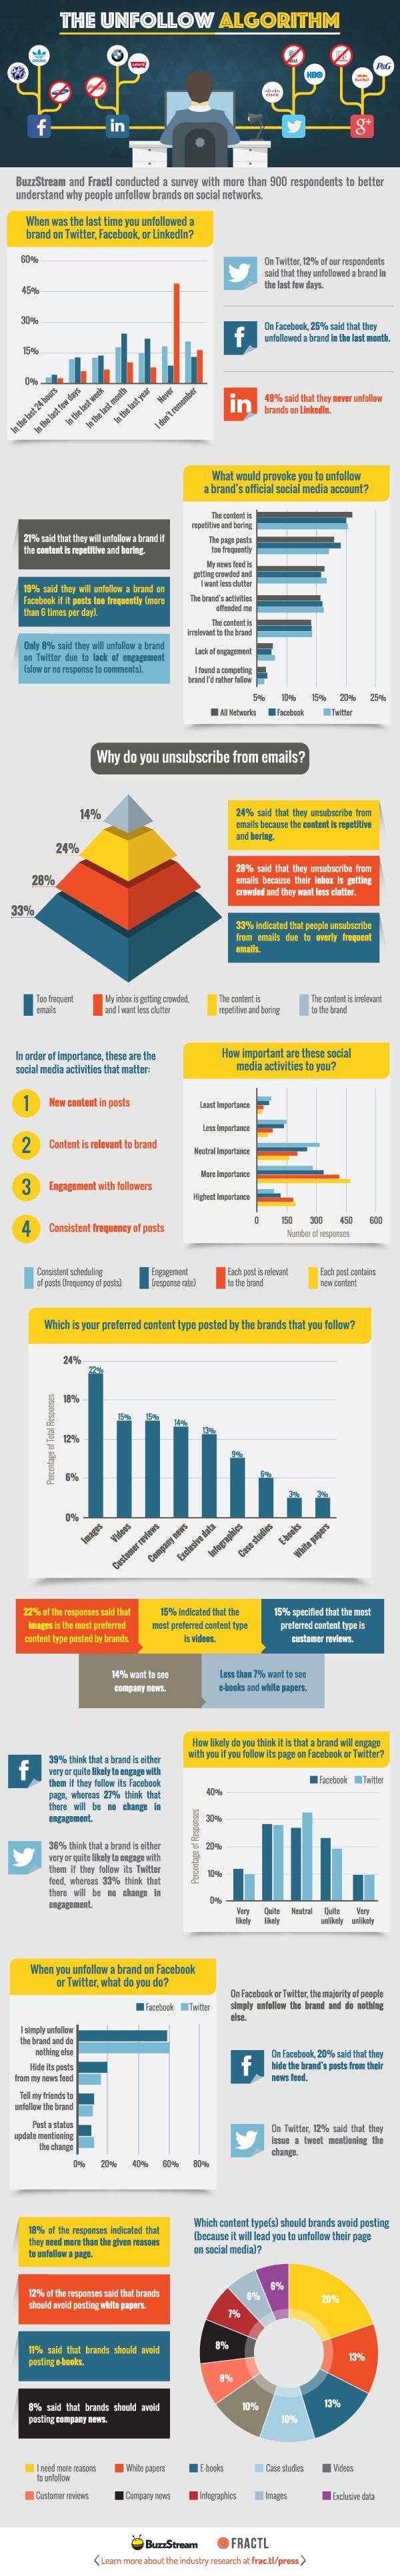 Por qué dejamos de seguir a las marcas en Redes Sociales #infografia #marketing #sociamedia